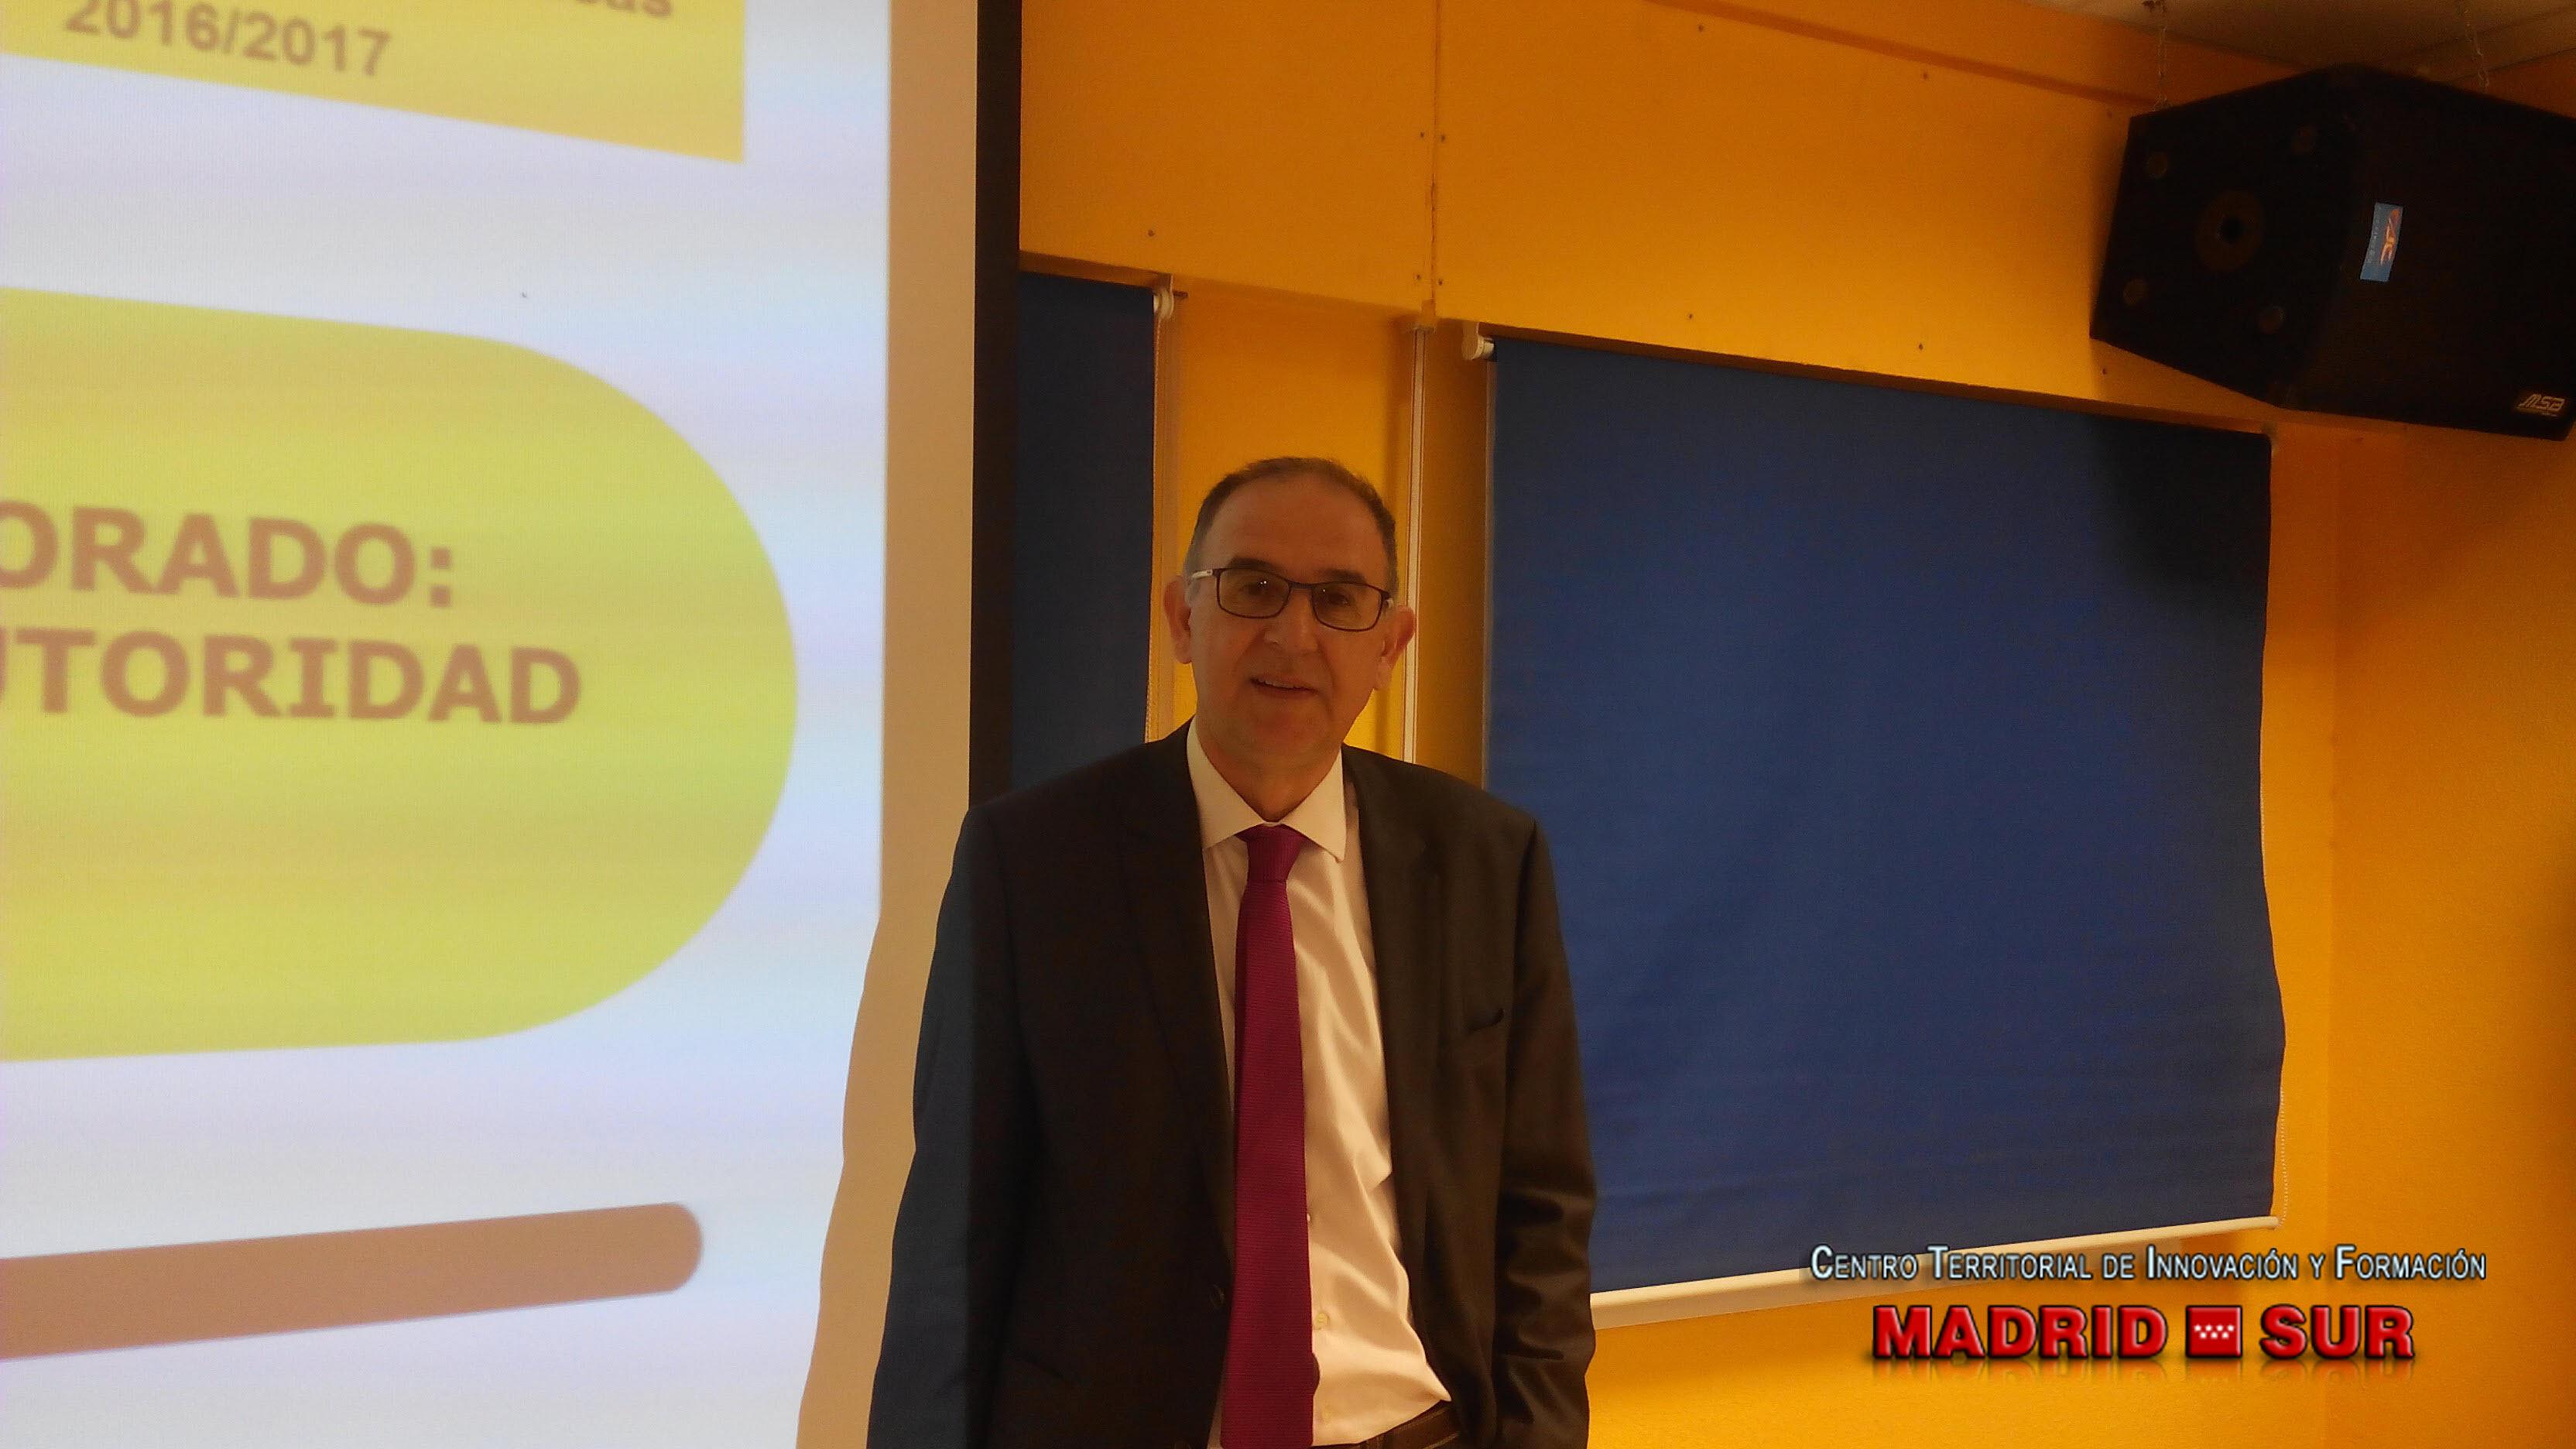 D. Santiago Sánchez Martín